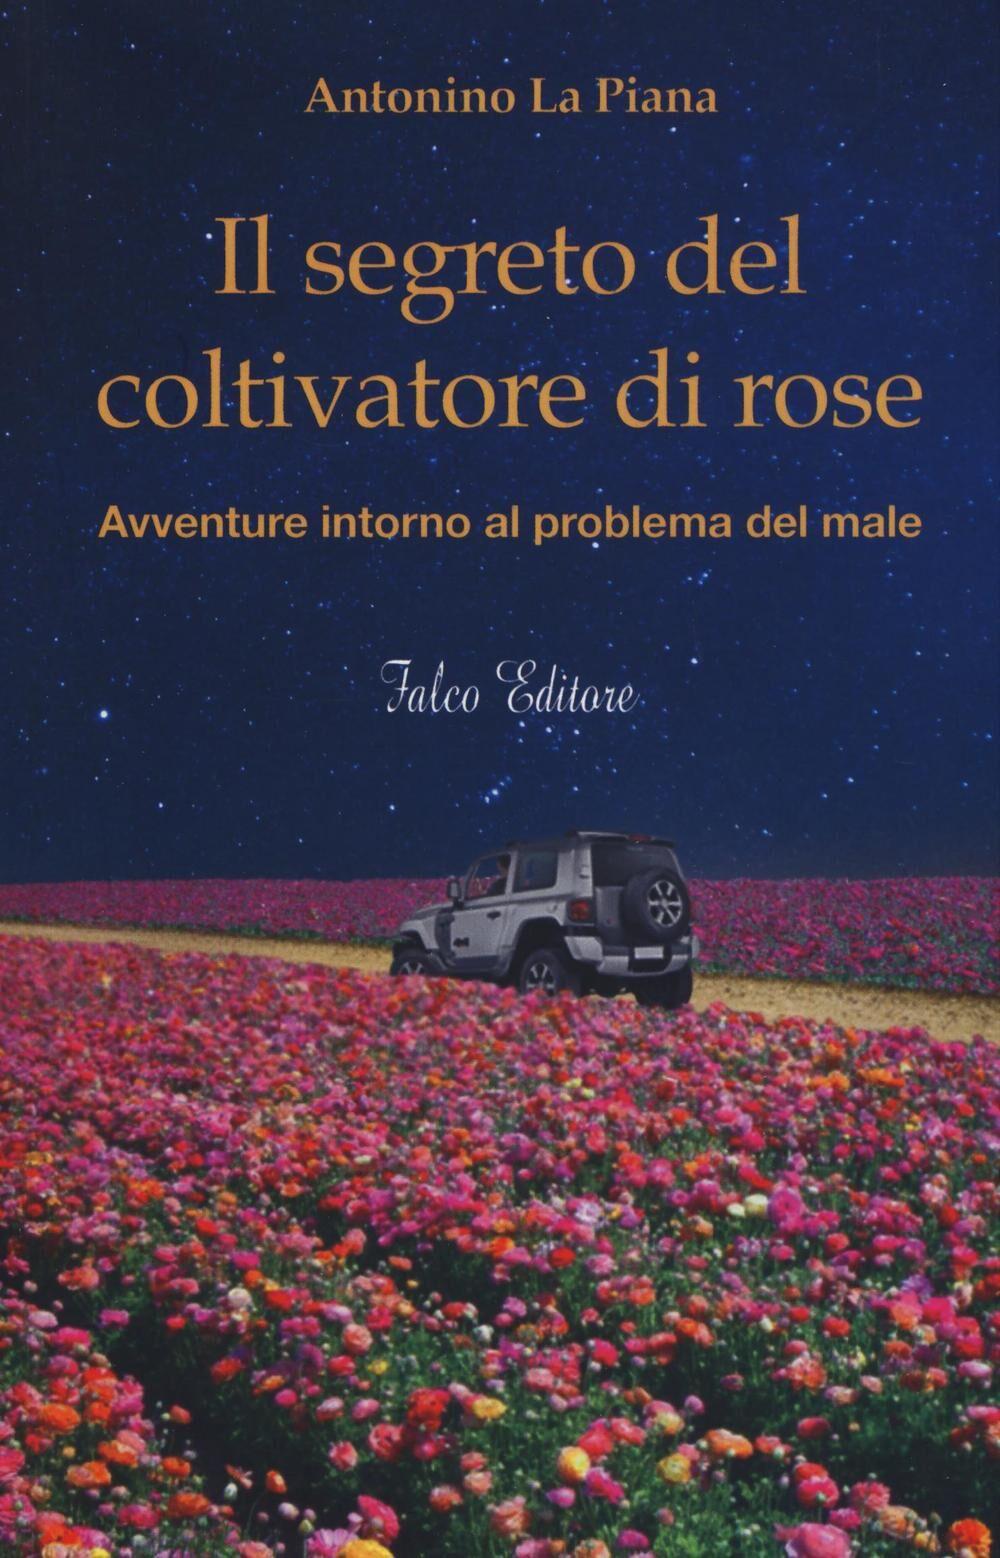 Il segreto del coltivatore di rose